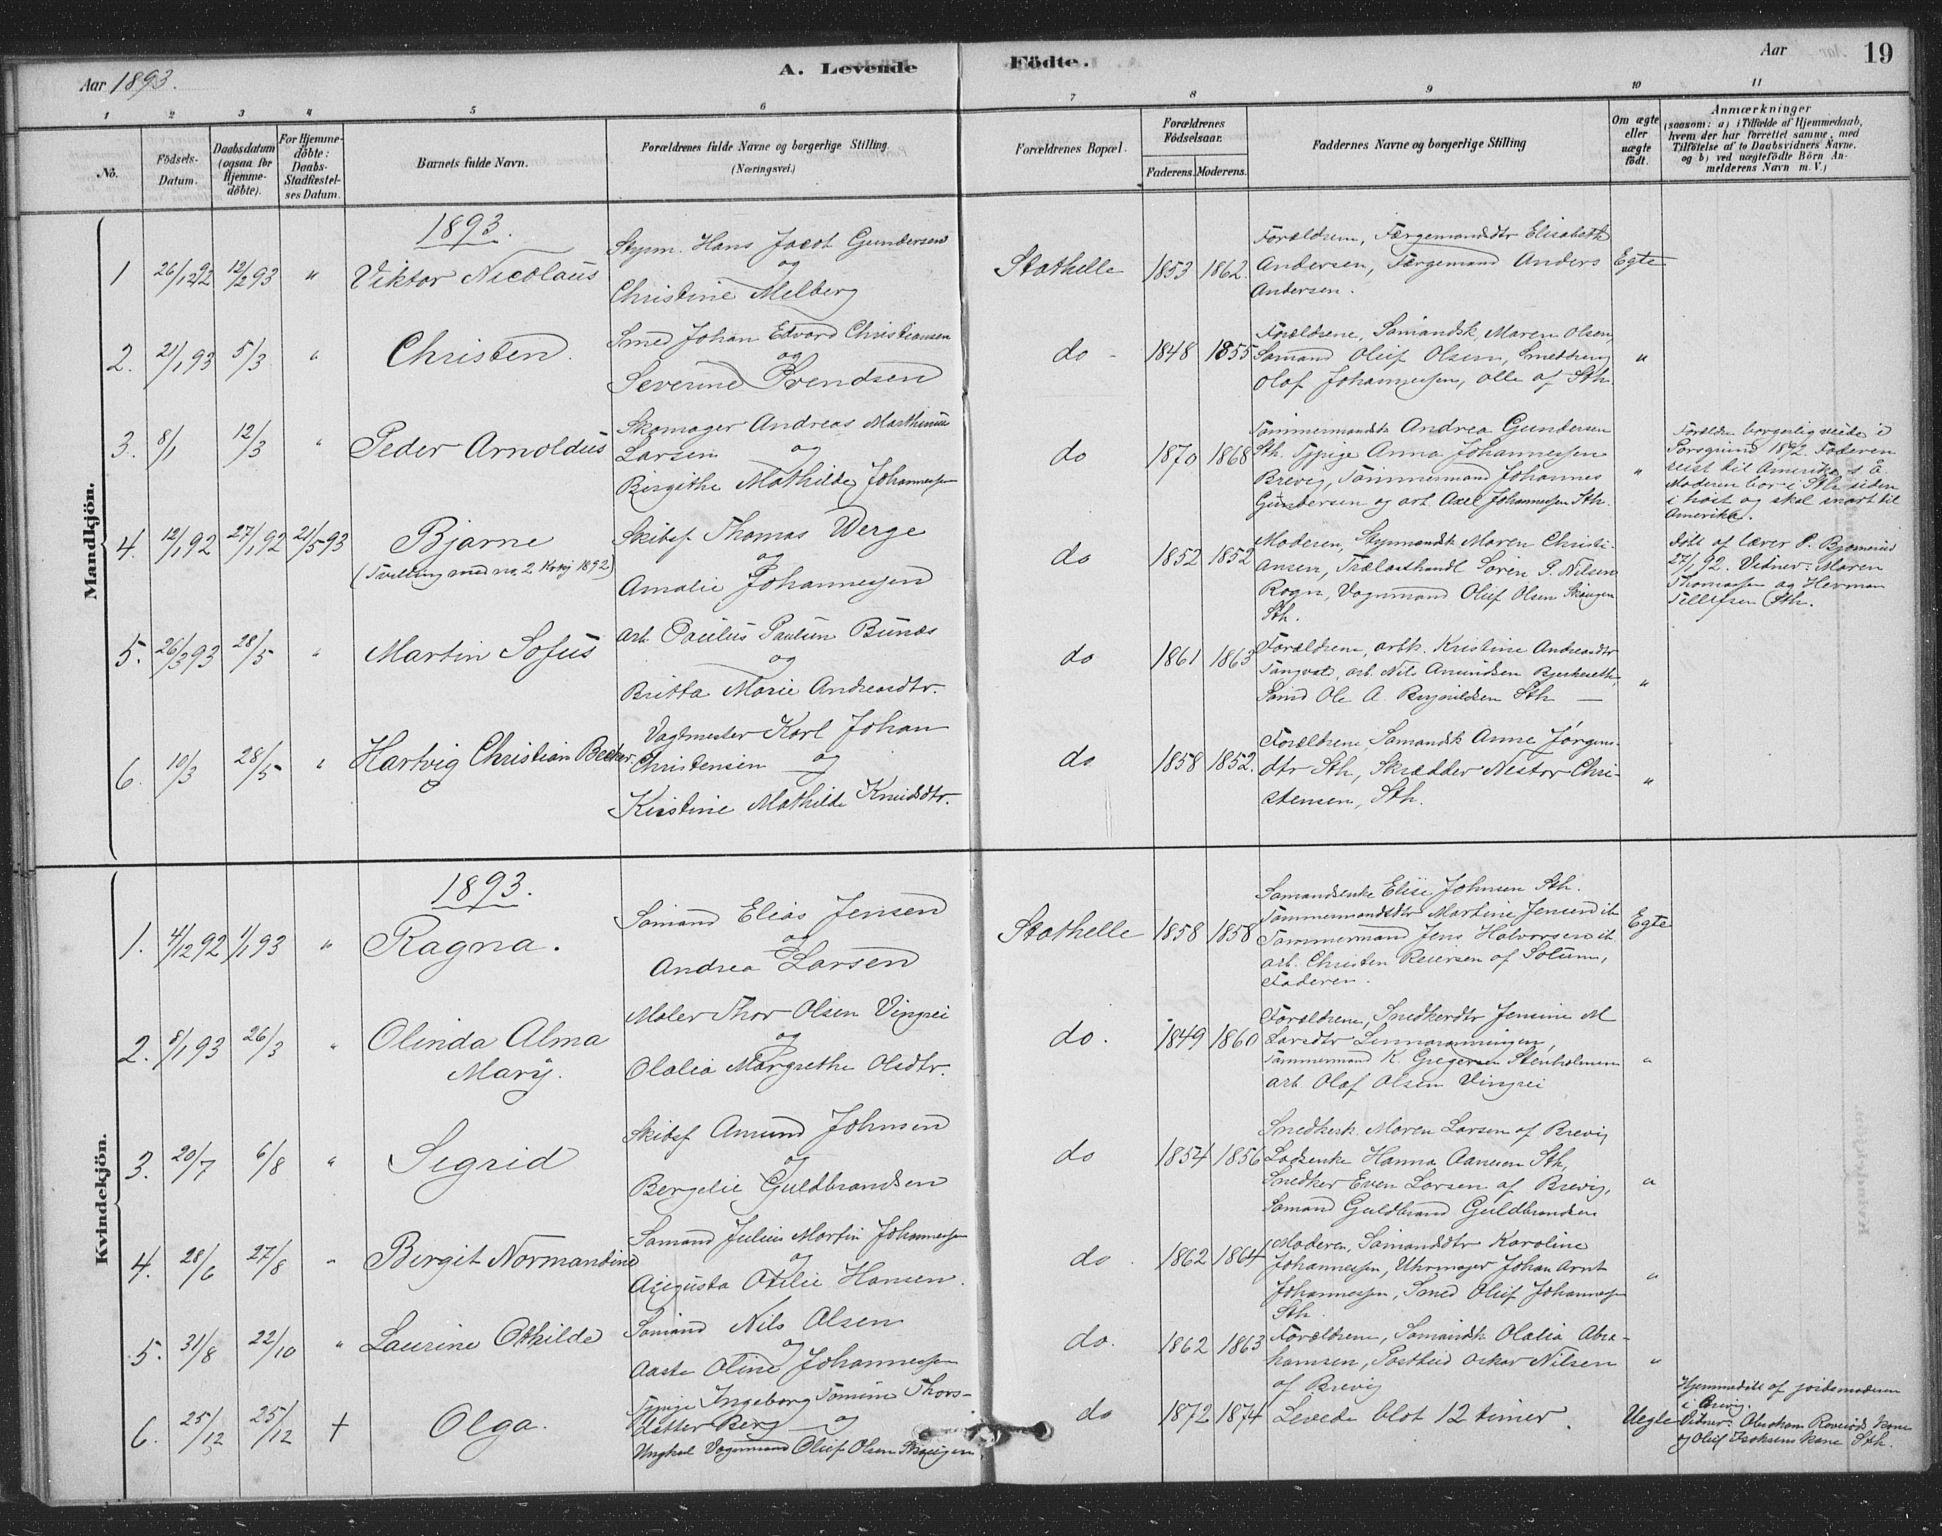 SAKO, Bamble kirkebøker, F/Fb/L0001: Ministerialbok nr. II 1, 1878-1899, s. 19